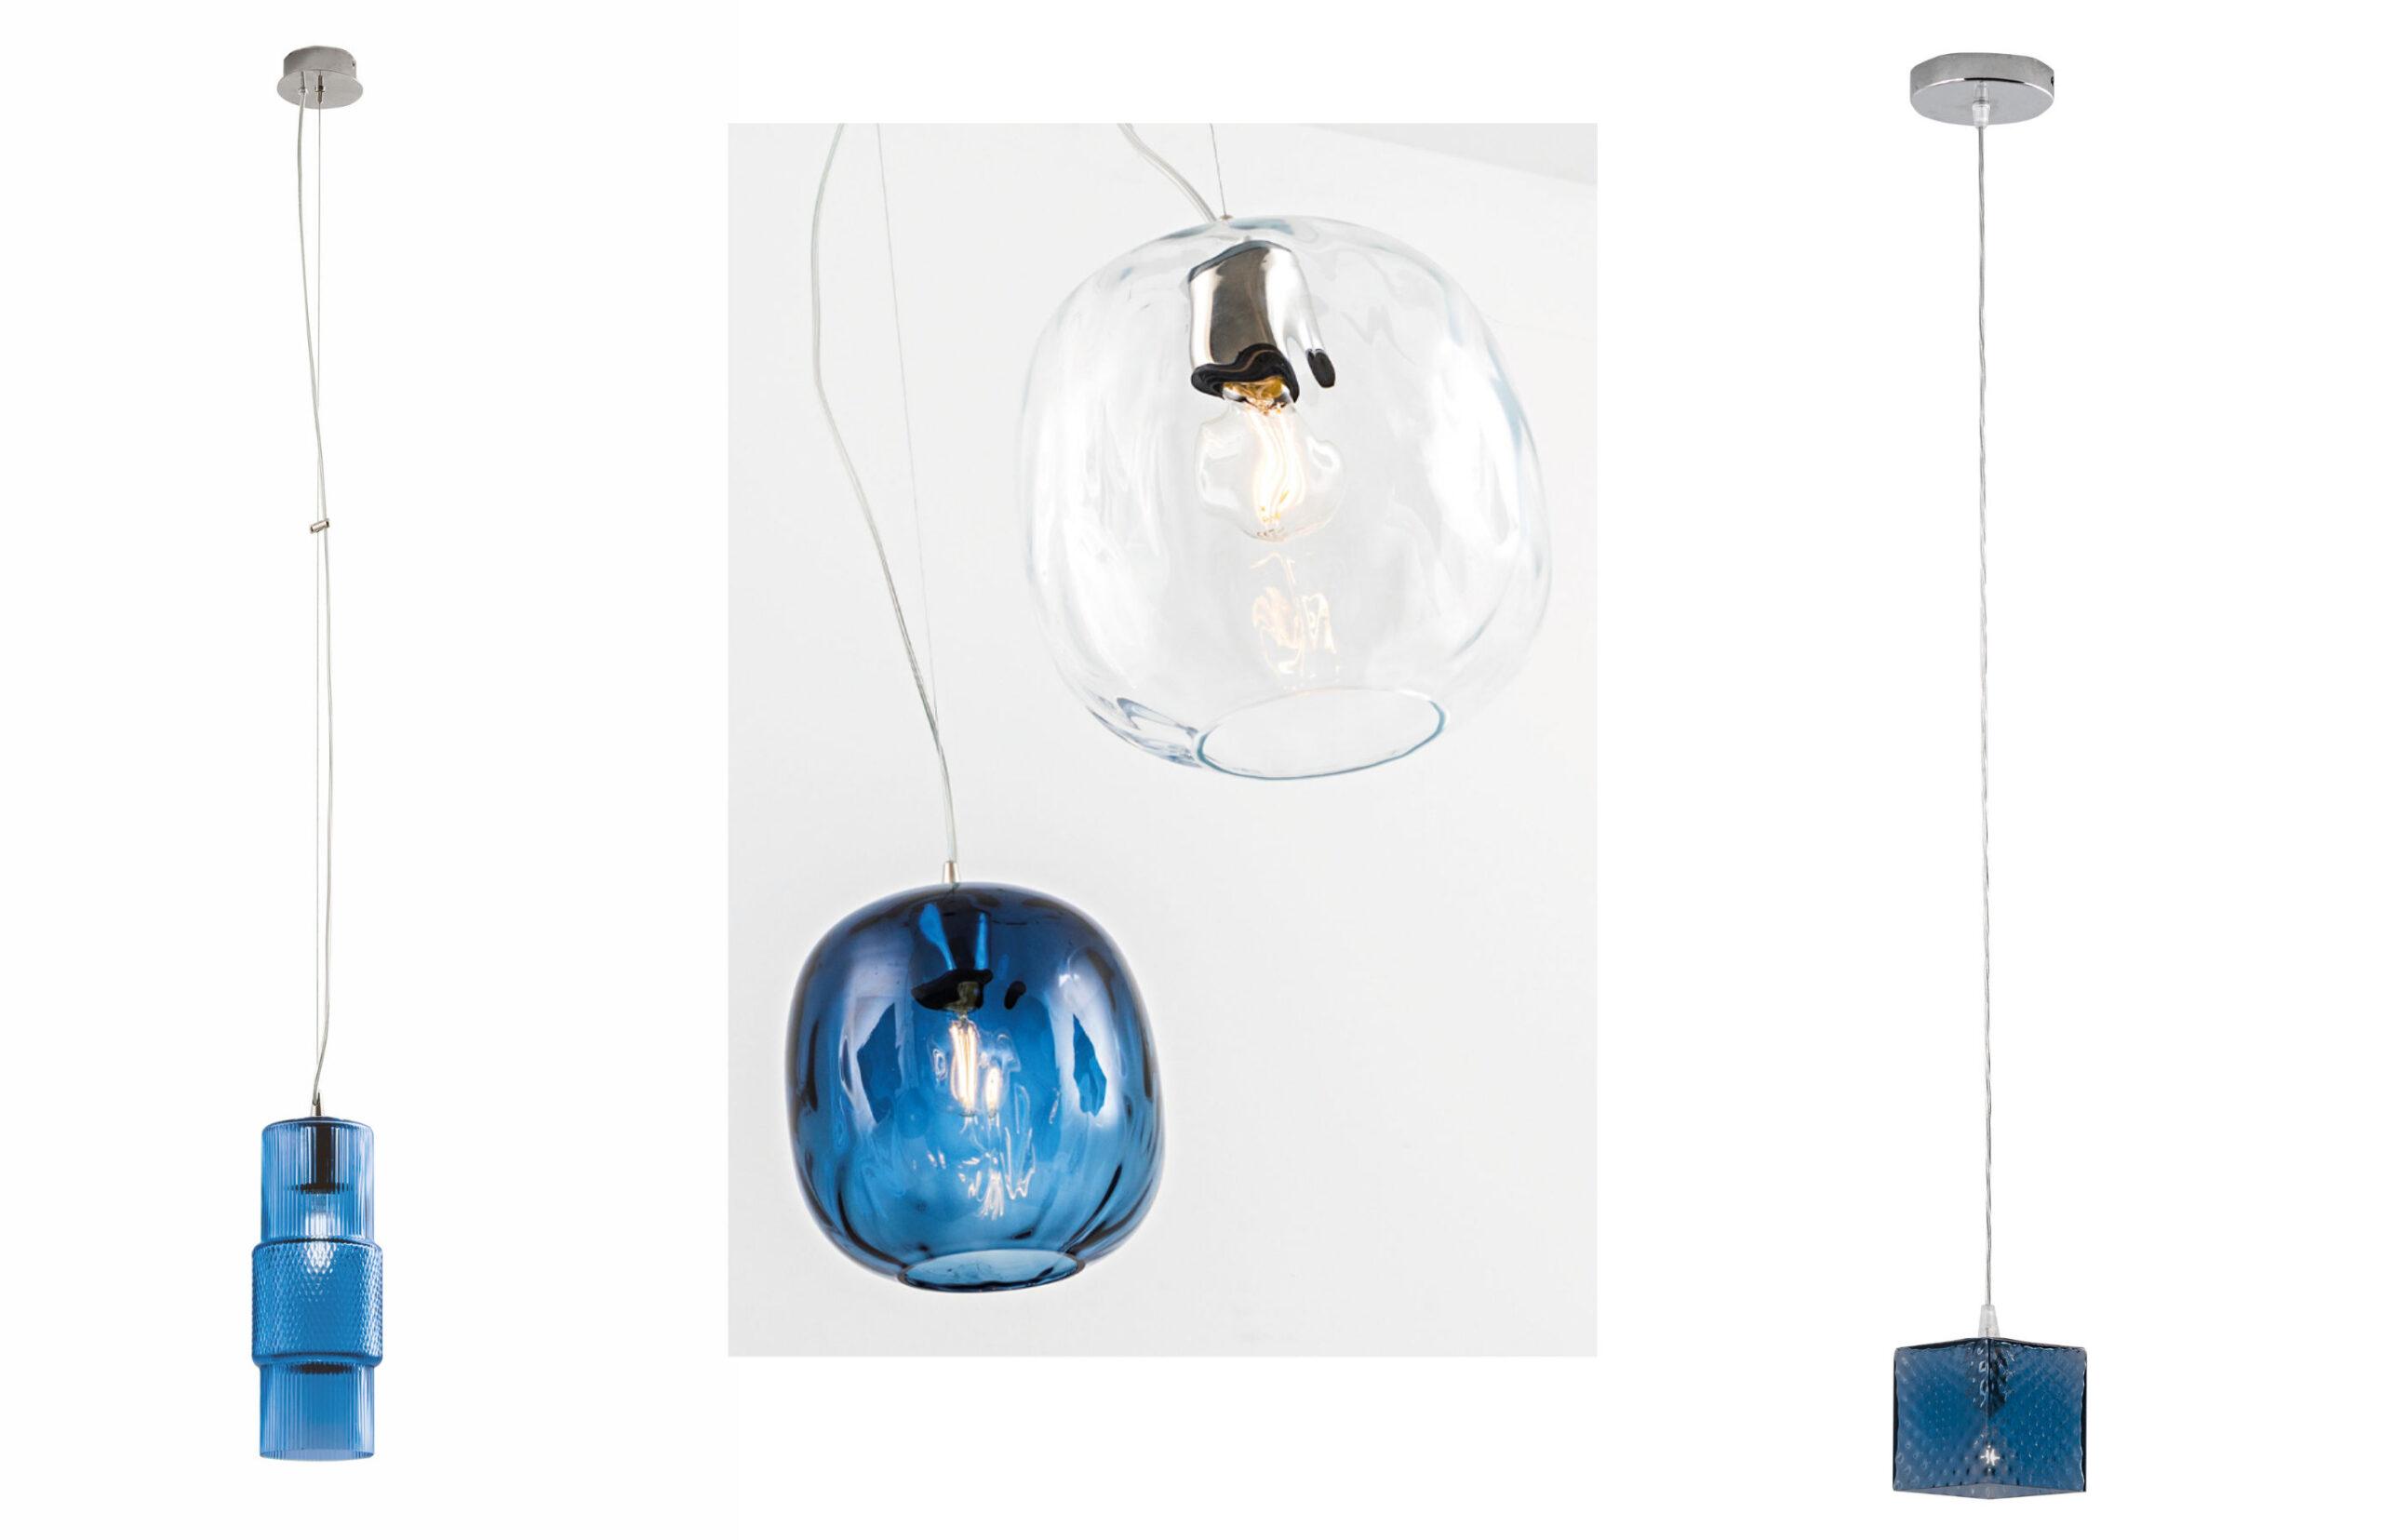 L'illuminazione in vetro: Rossini Illuminazione presenta Oban, Ardbeg e Talisker